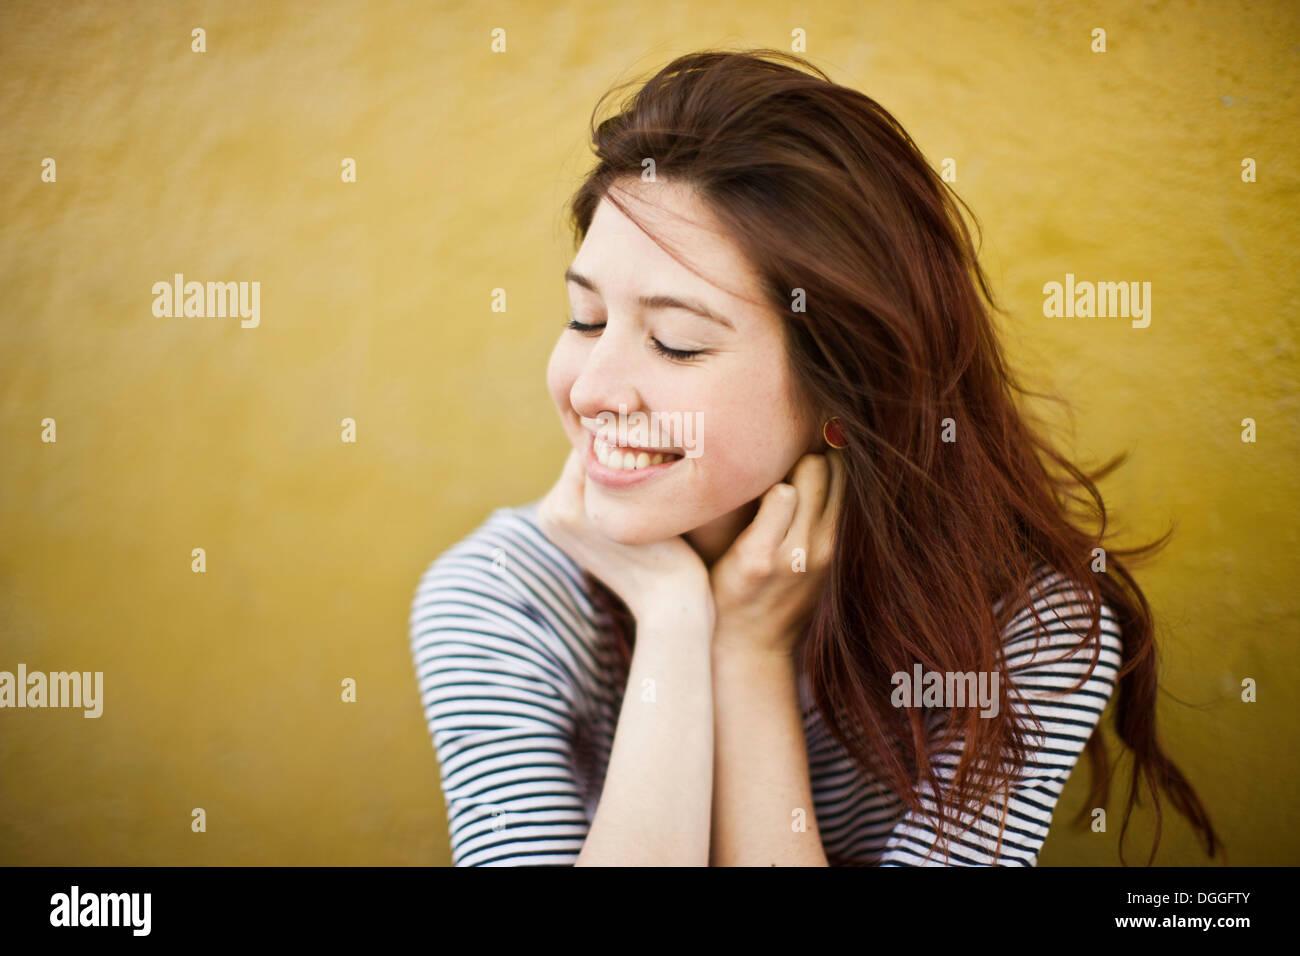 Ehrliches Porträt der jungen Frau mit geschlossenen Augen Stockbild